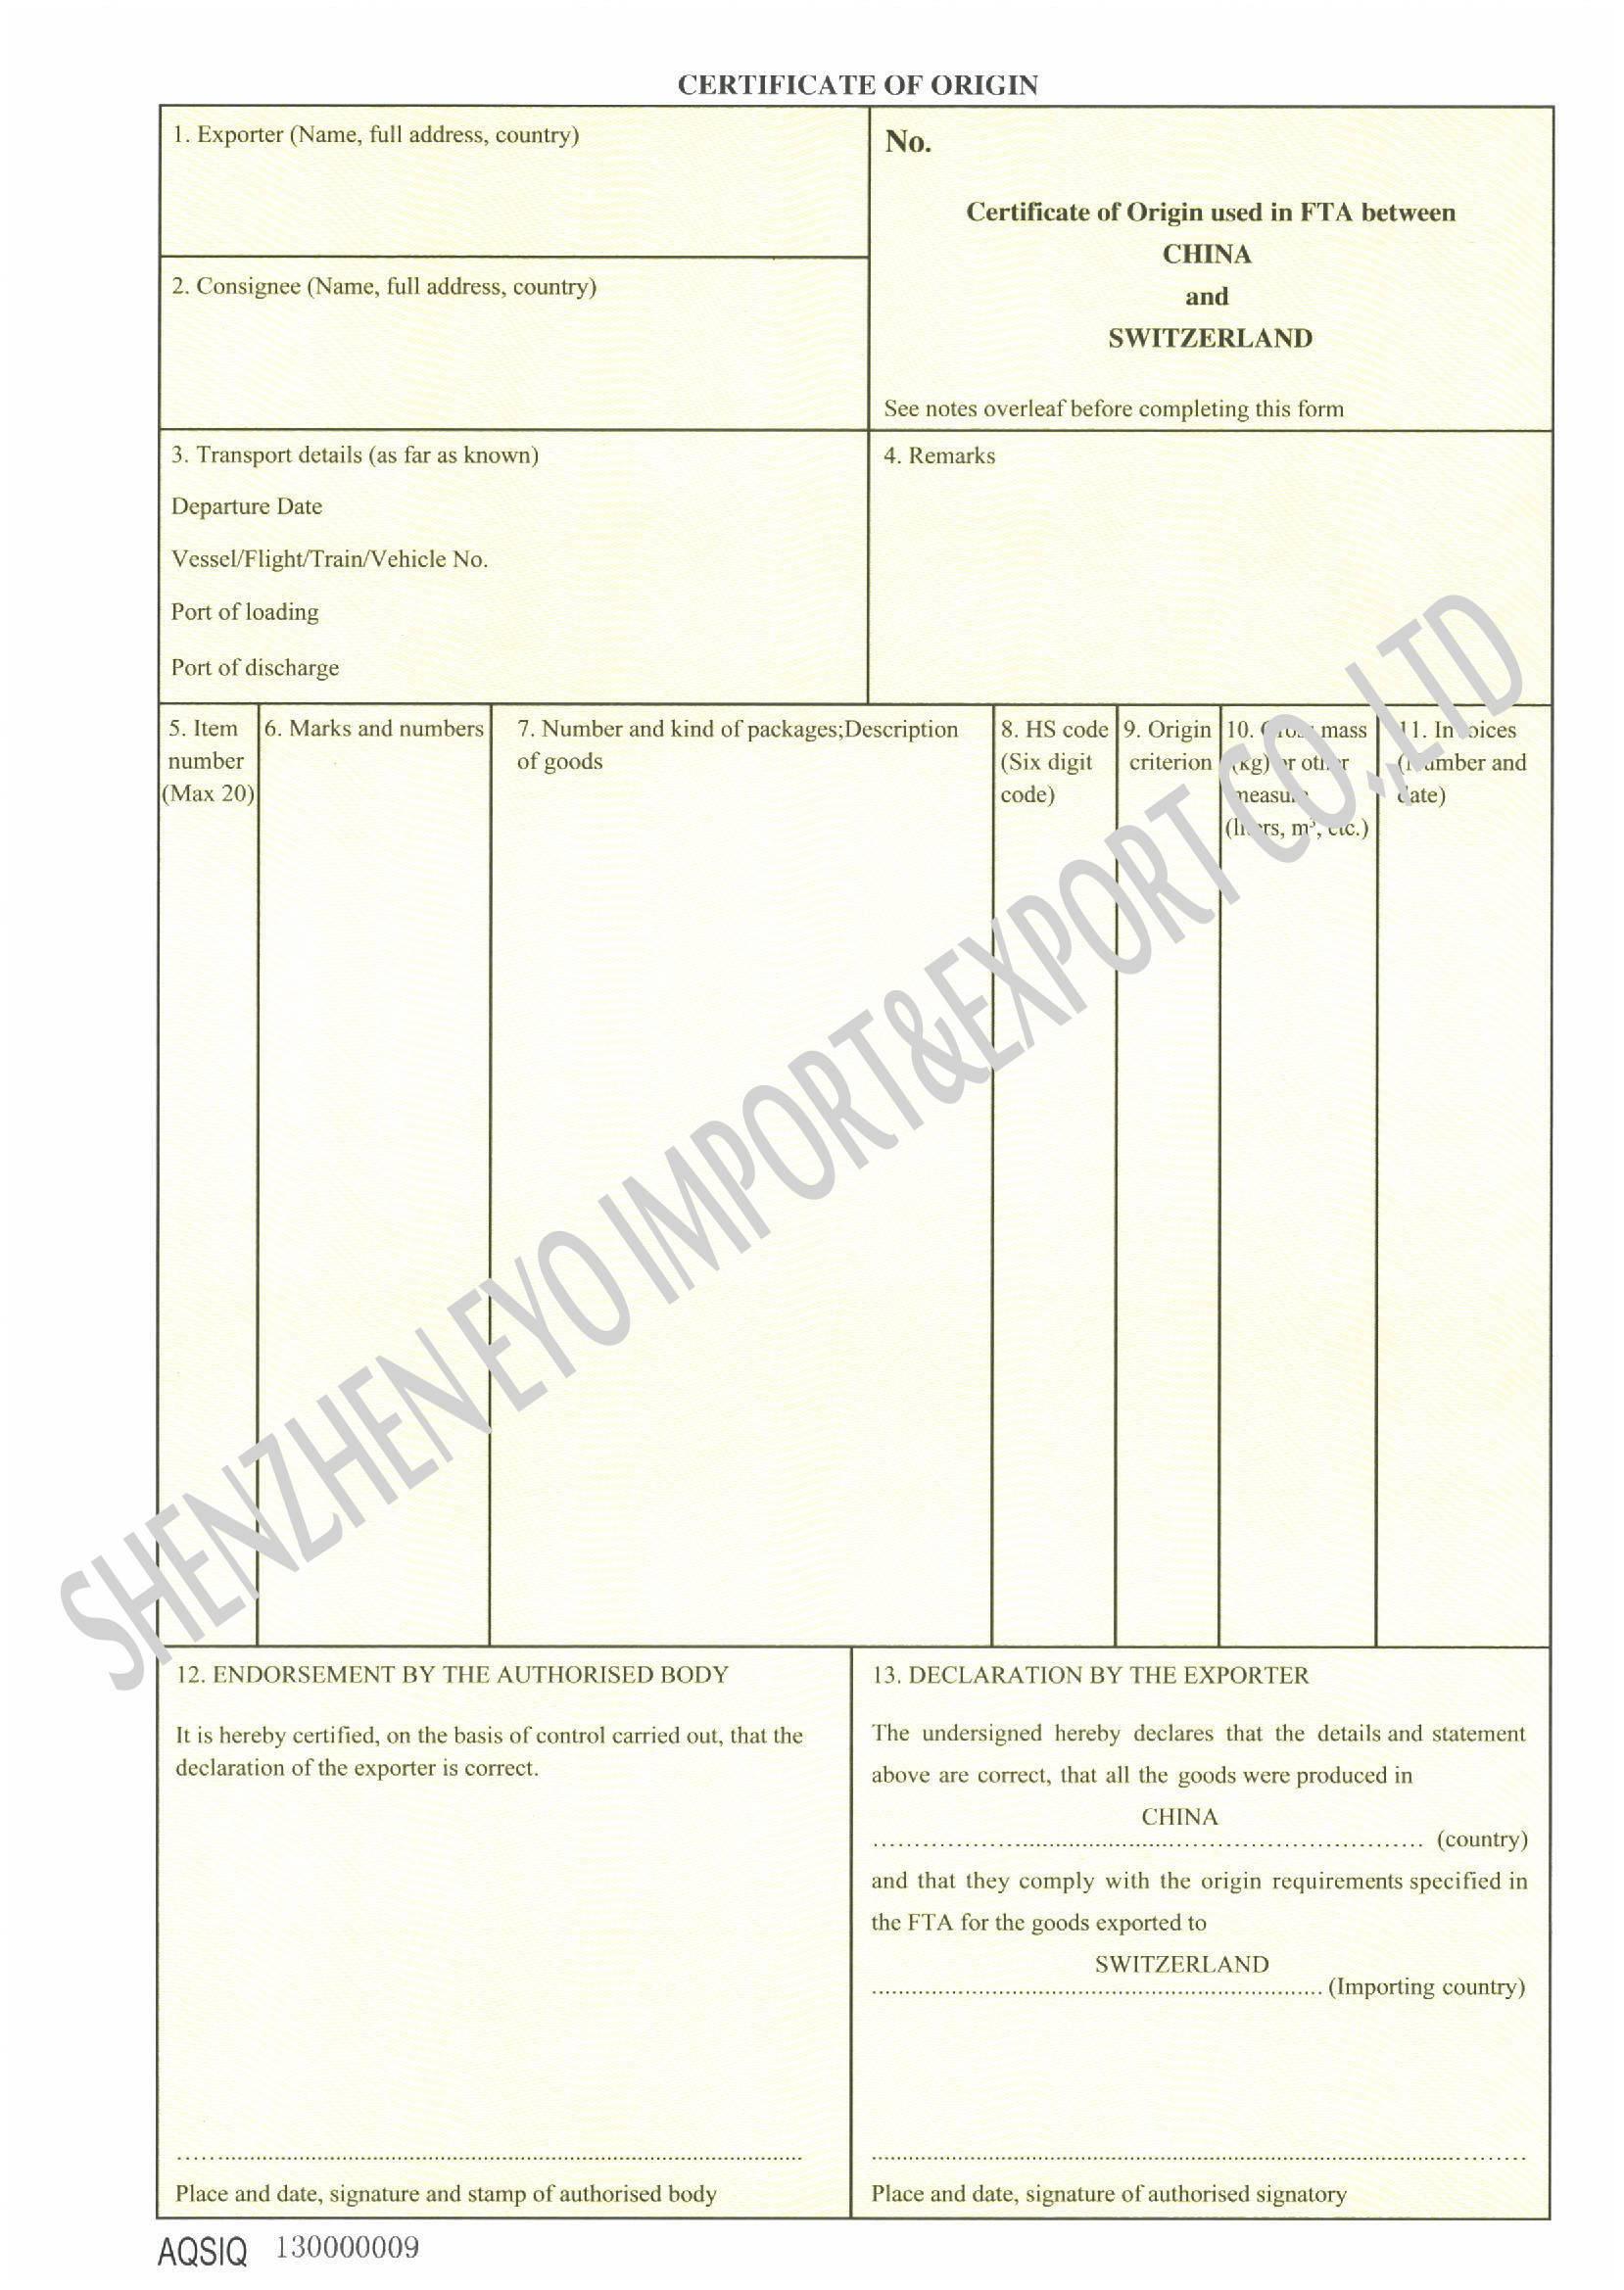 Certificate Of Origin blank mco u0027s for a vessel u2022 buy – Certificate of Origin Template Free